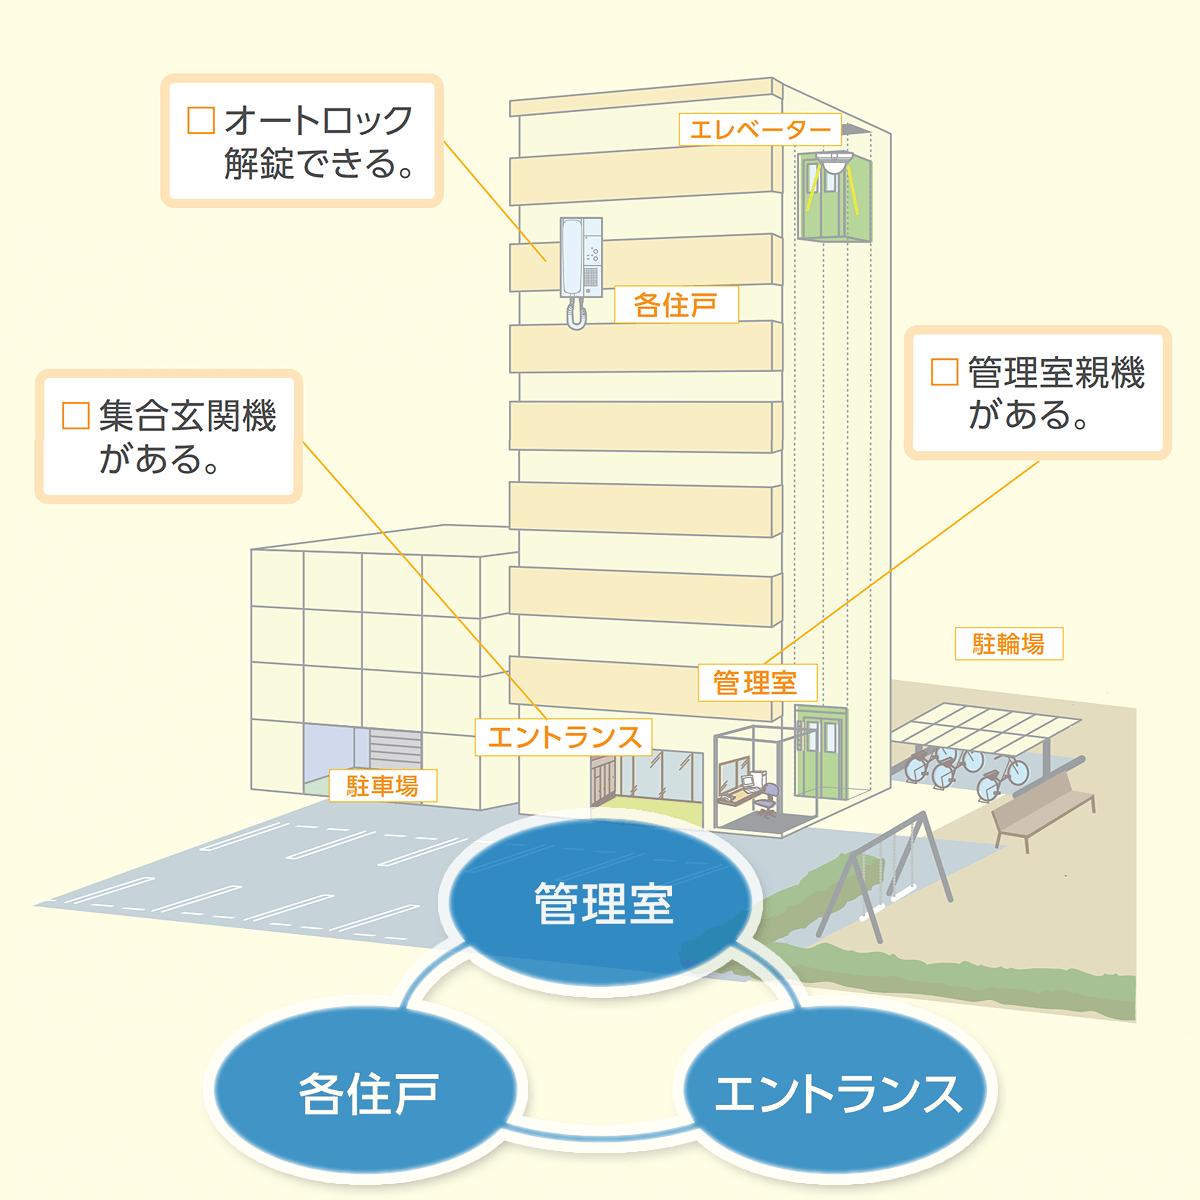 マンション・アパートのインターホン集合住宅システム